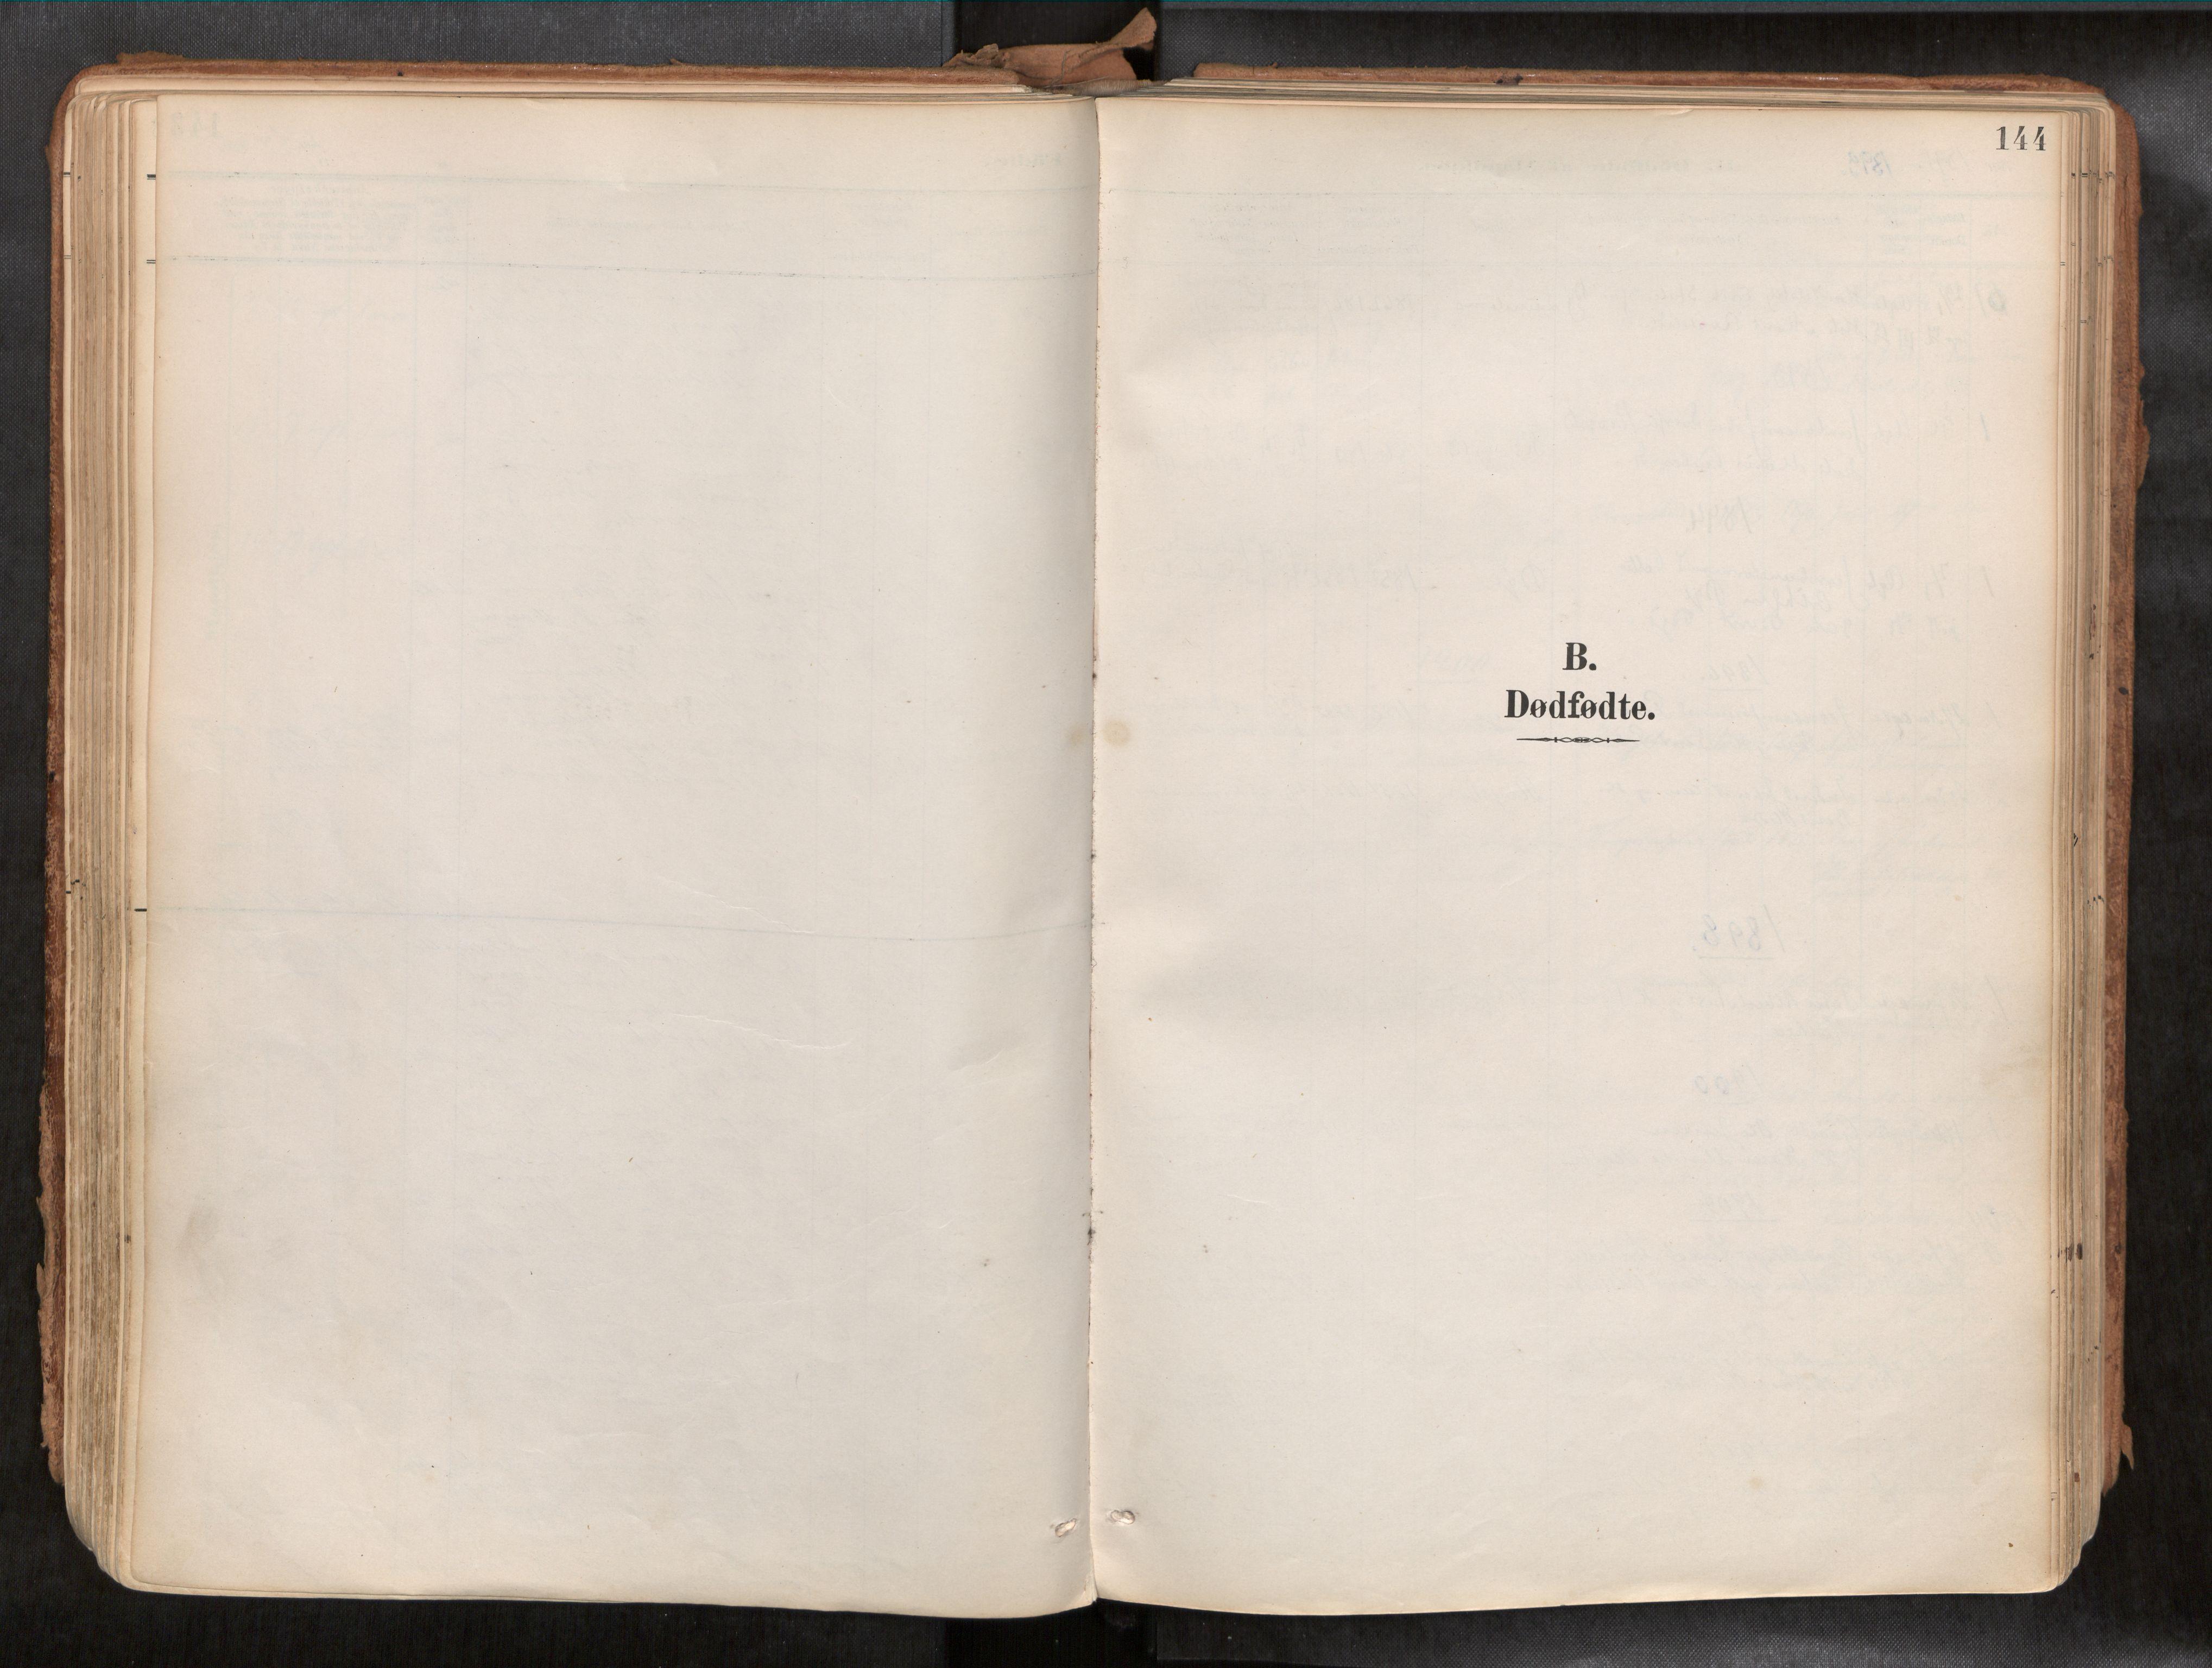 SAT, Ministerialprotokoller, klokkerbøker og fødselsregistre - Sør-Trøndelag, 692/L1105b: Ministerialbok nr. 692A06, 1891-1934, s. 144